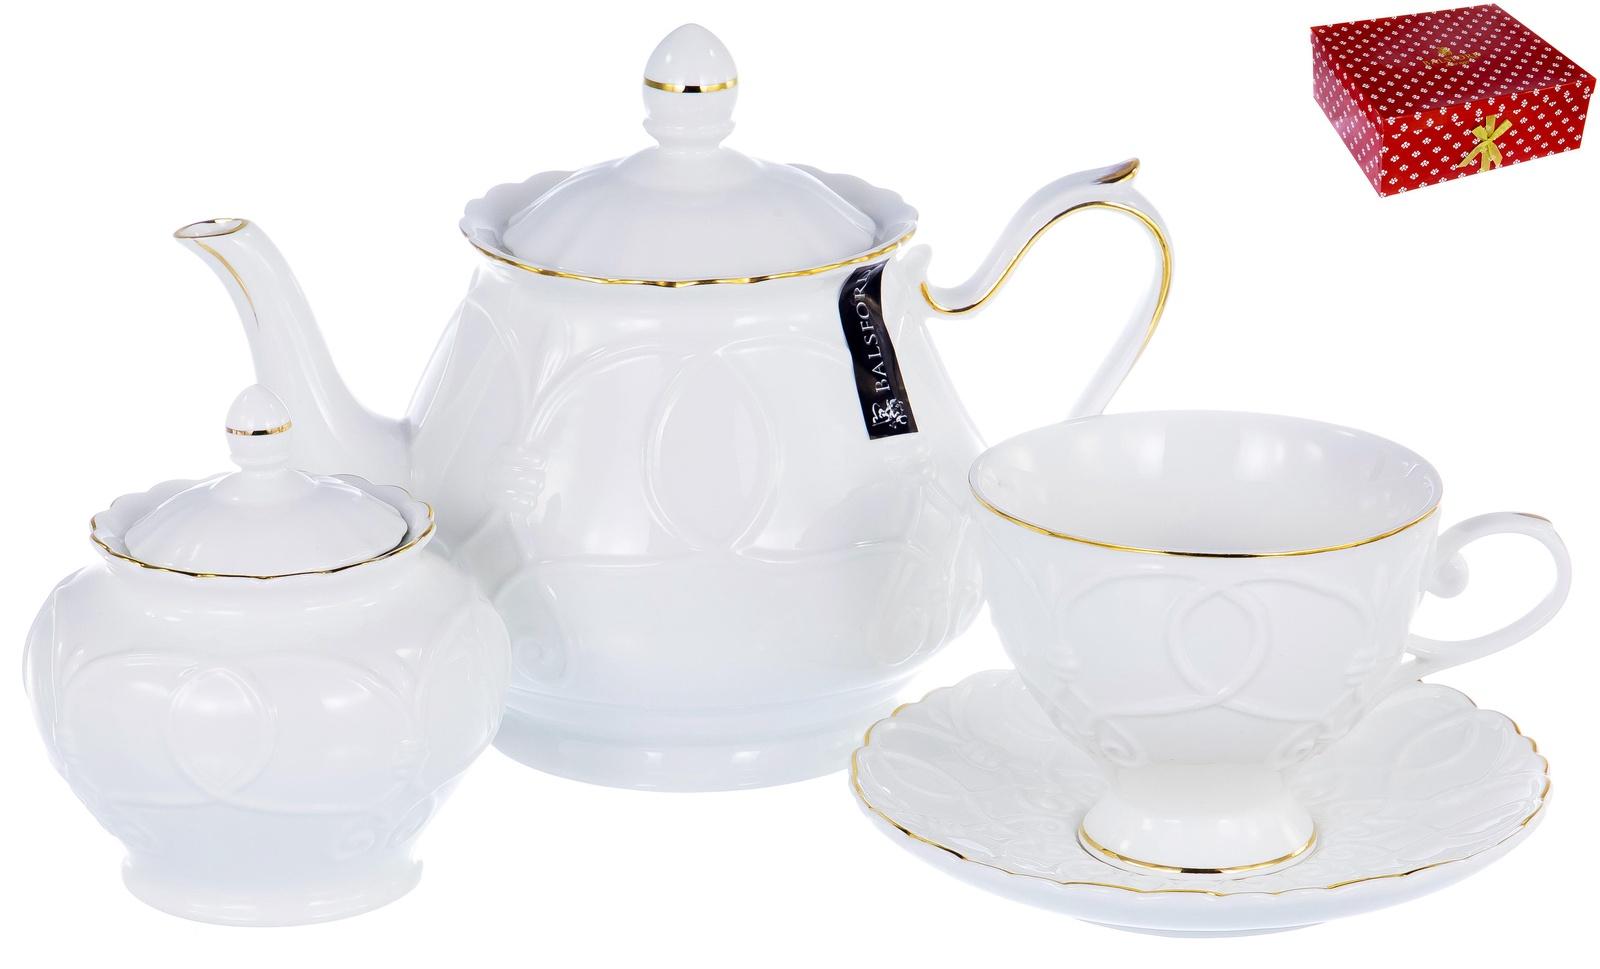 Набор чайный, ГРАЦИЯ, серия Клио, 6 чашек 220мл, 6 блюдец,чайник с крышкой 1000мл, сахарница с крышкой 400мл, NEW BONE CHINA, белый рельефный рисунок с золотом, прямоугольная подарочная упаковка с окном и бантом, ТМ Balsford, артикул 101-30039